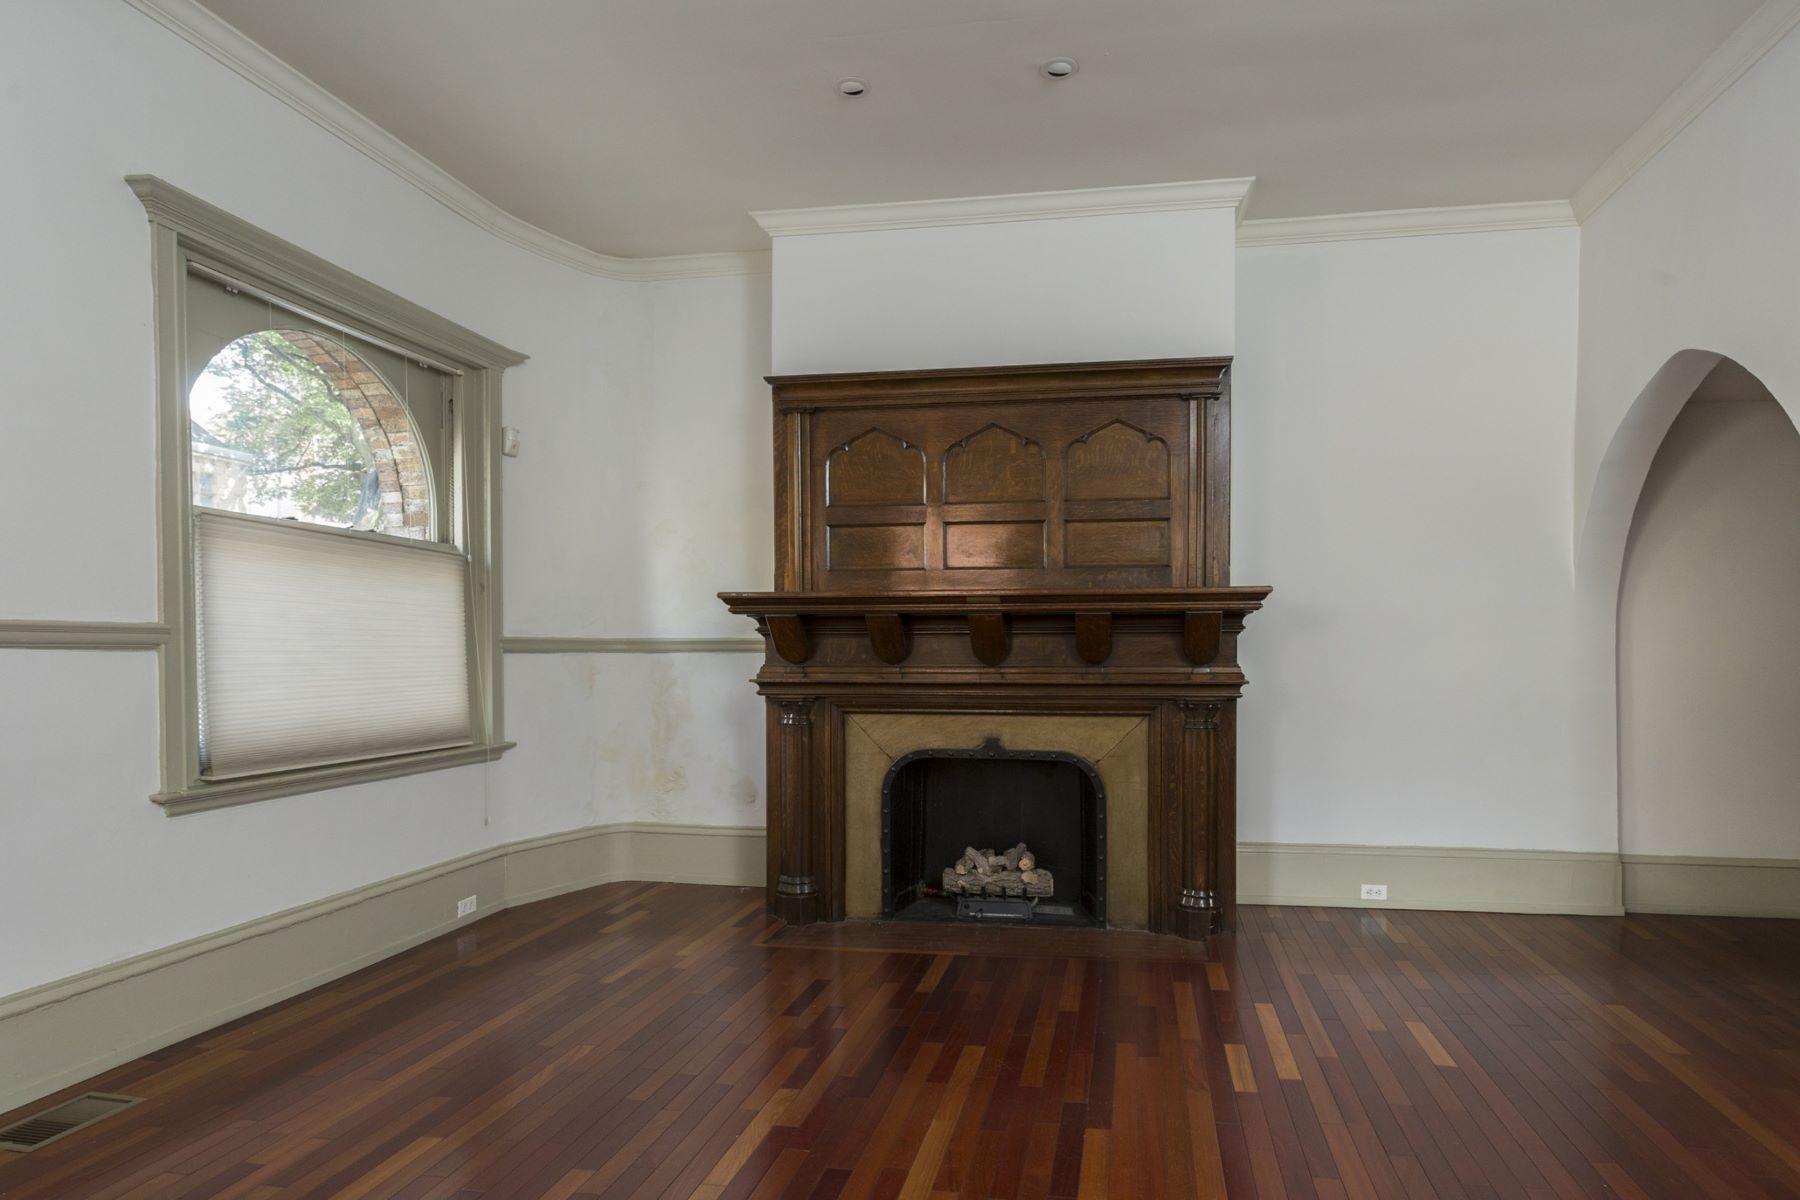 Apartamento por un Alquiler en 32 S 22nd St #a 32 S 22ND ST #A A Philadelphia, Pennsylvania, 19103 Estados Unidos